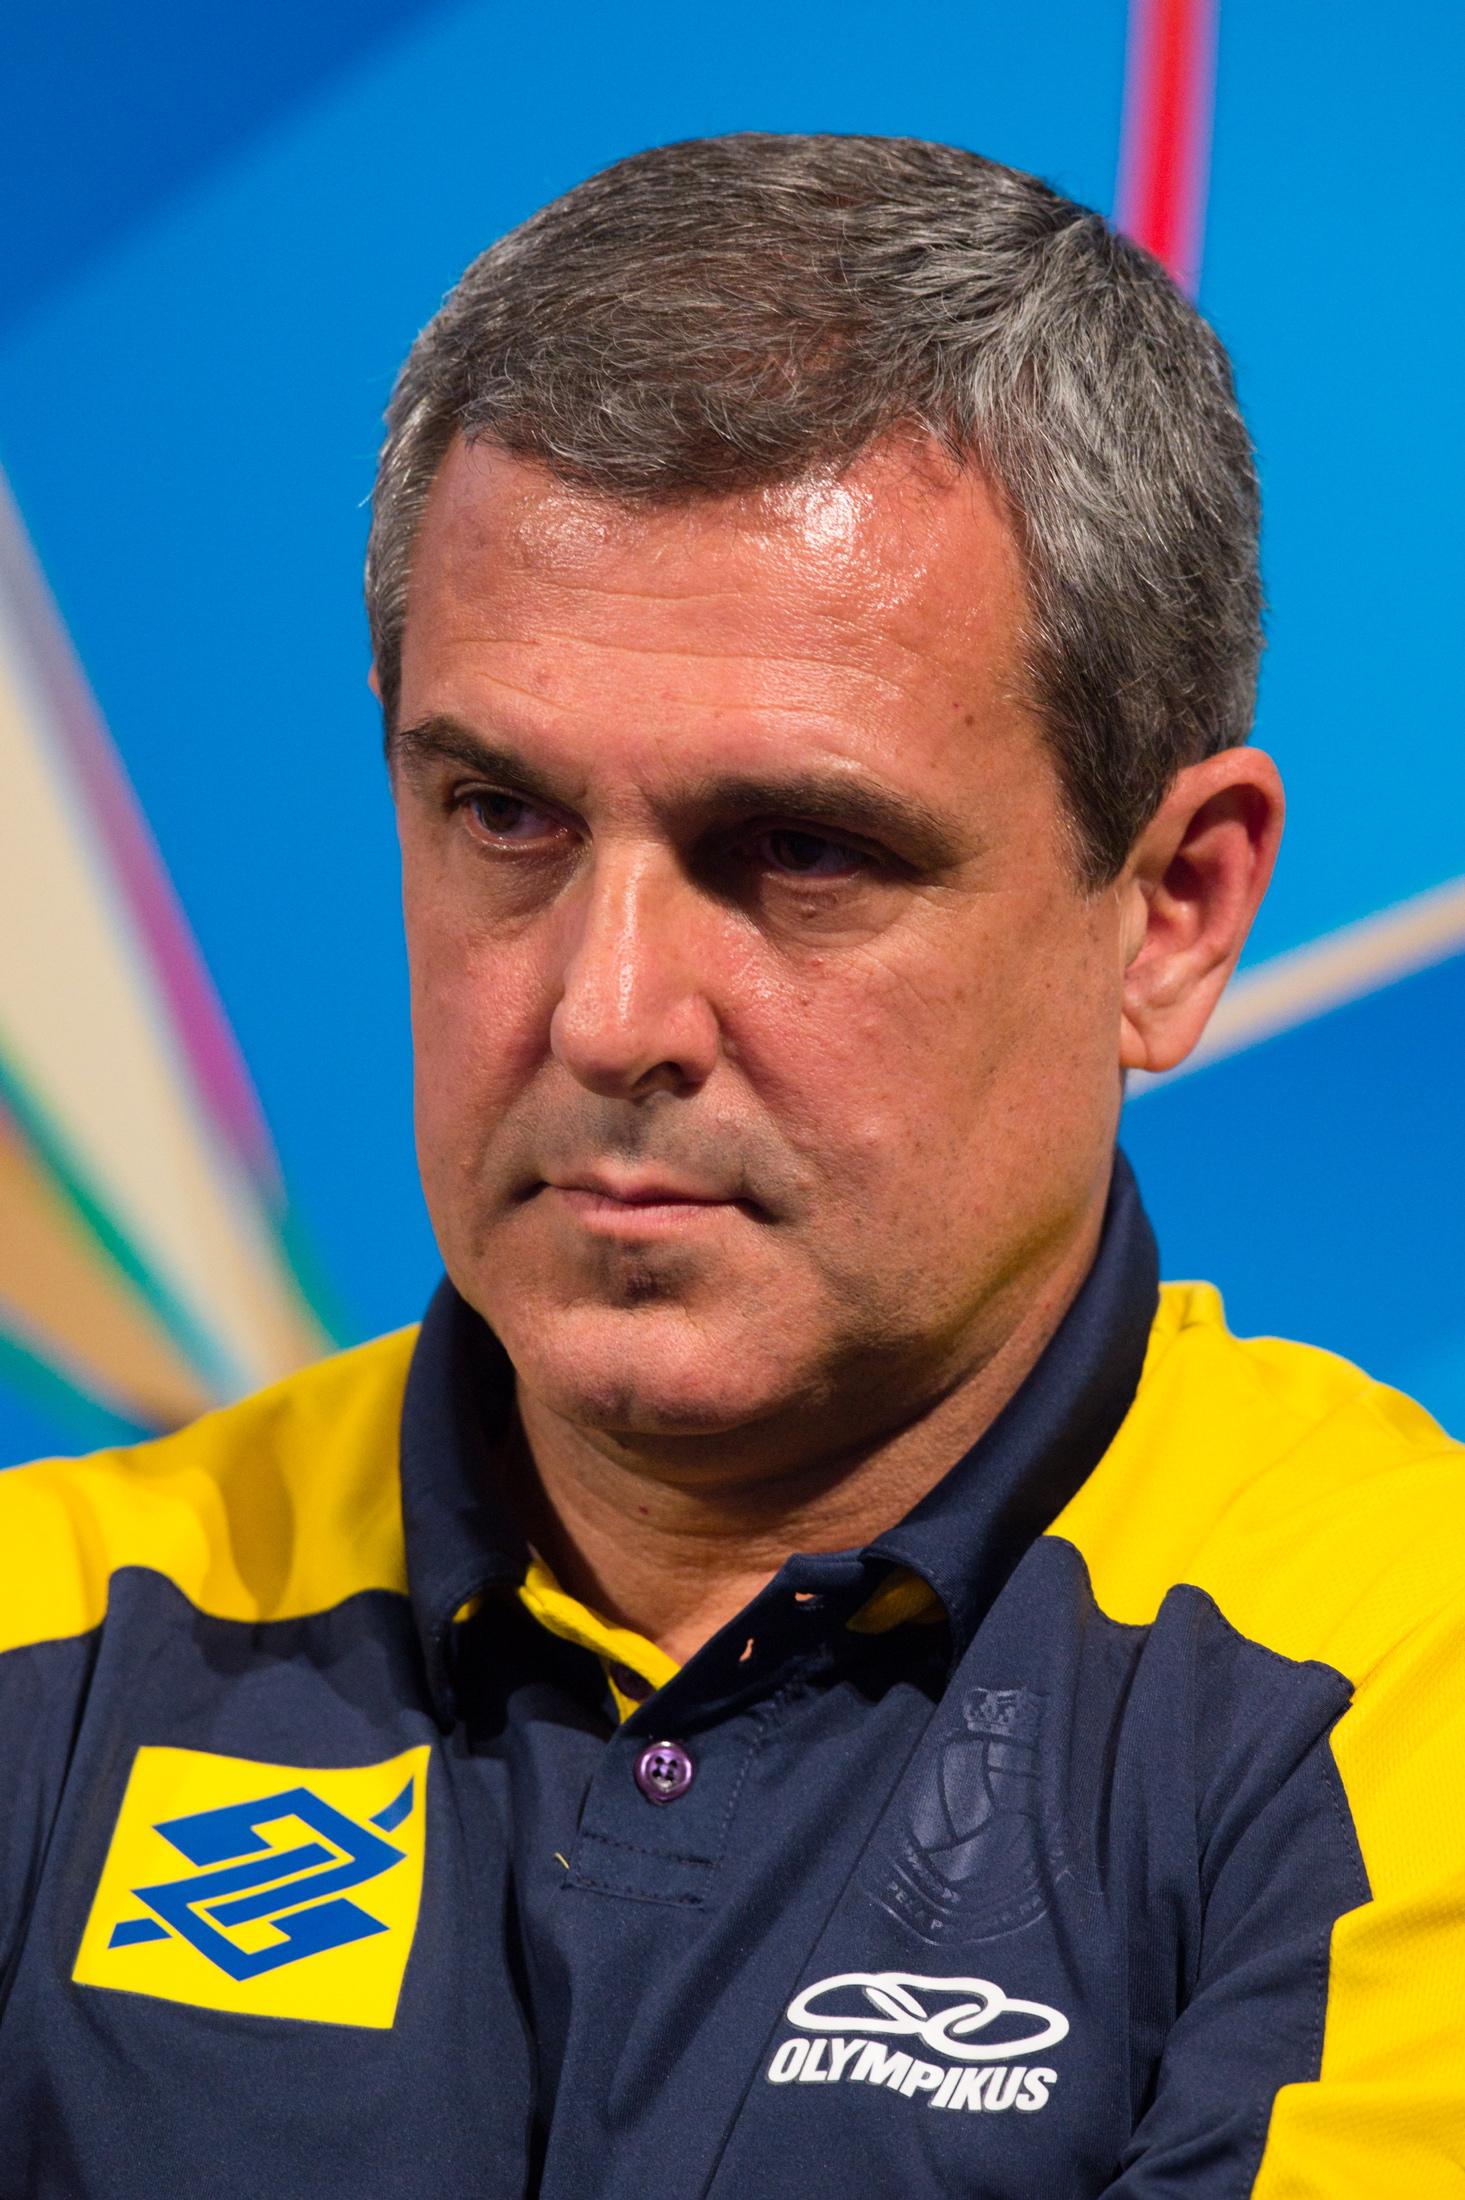 Jose Roberto Lages Guimaraes